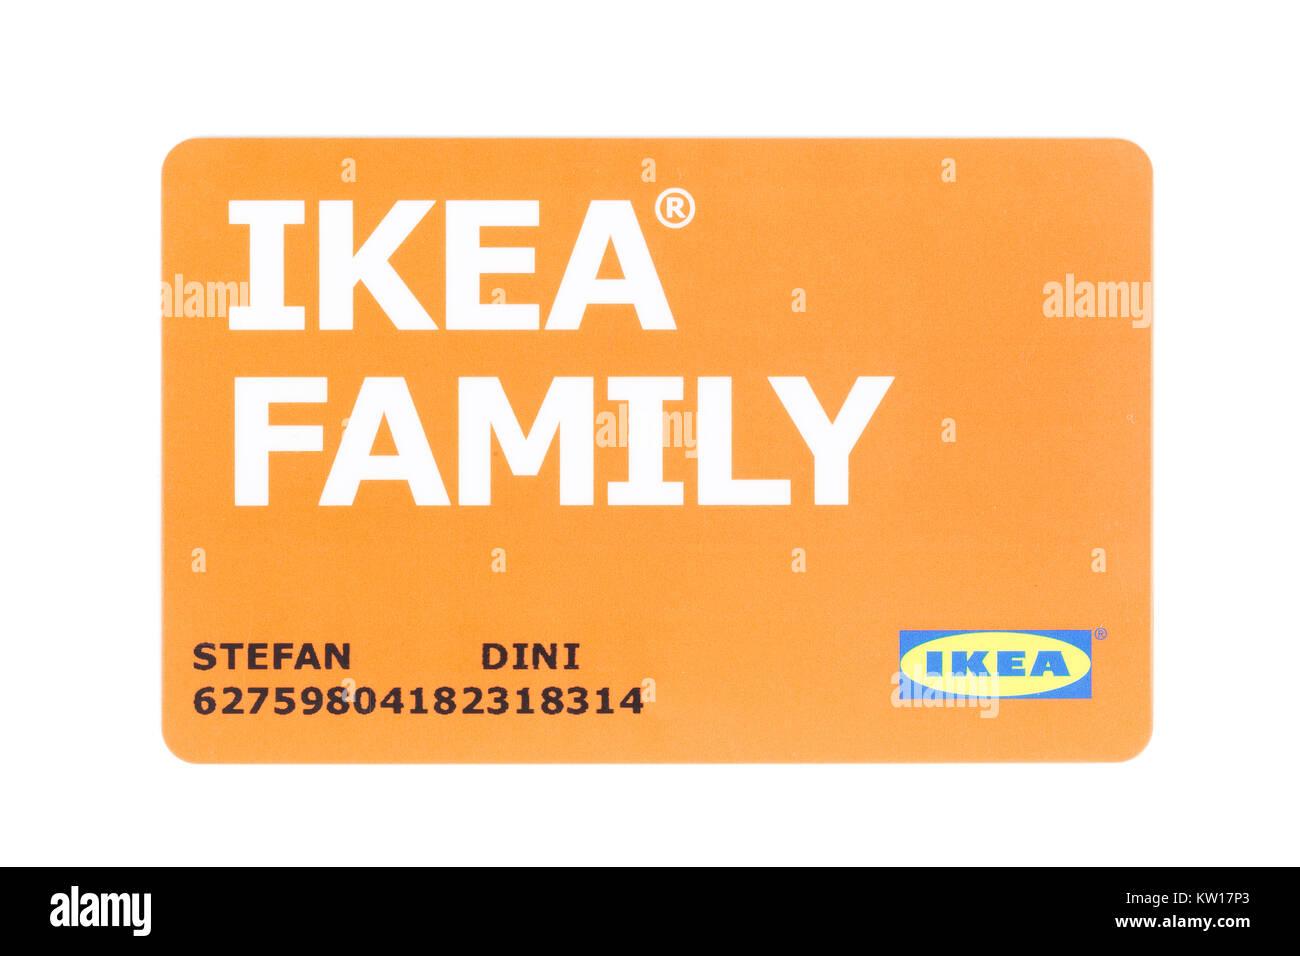 Ikea Family Card Rabatt Küche